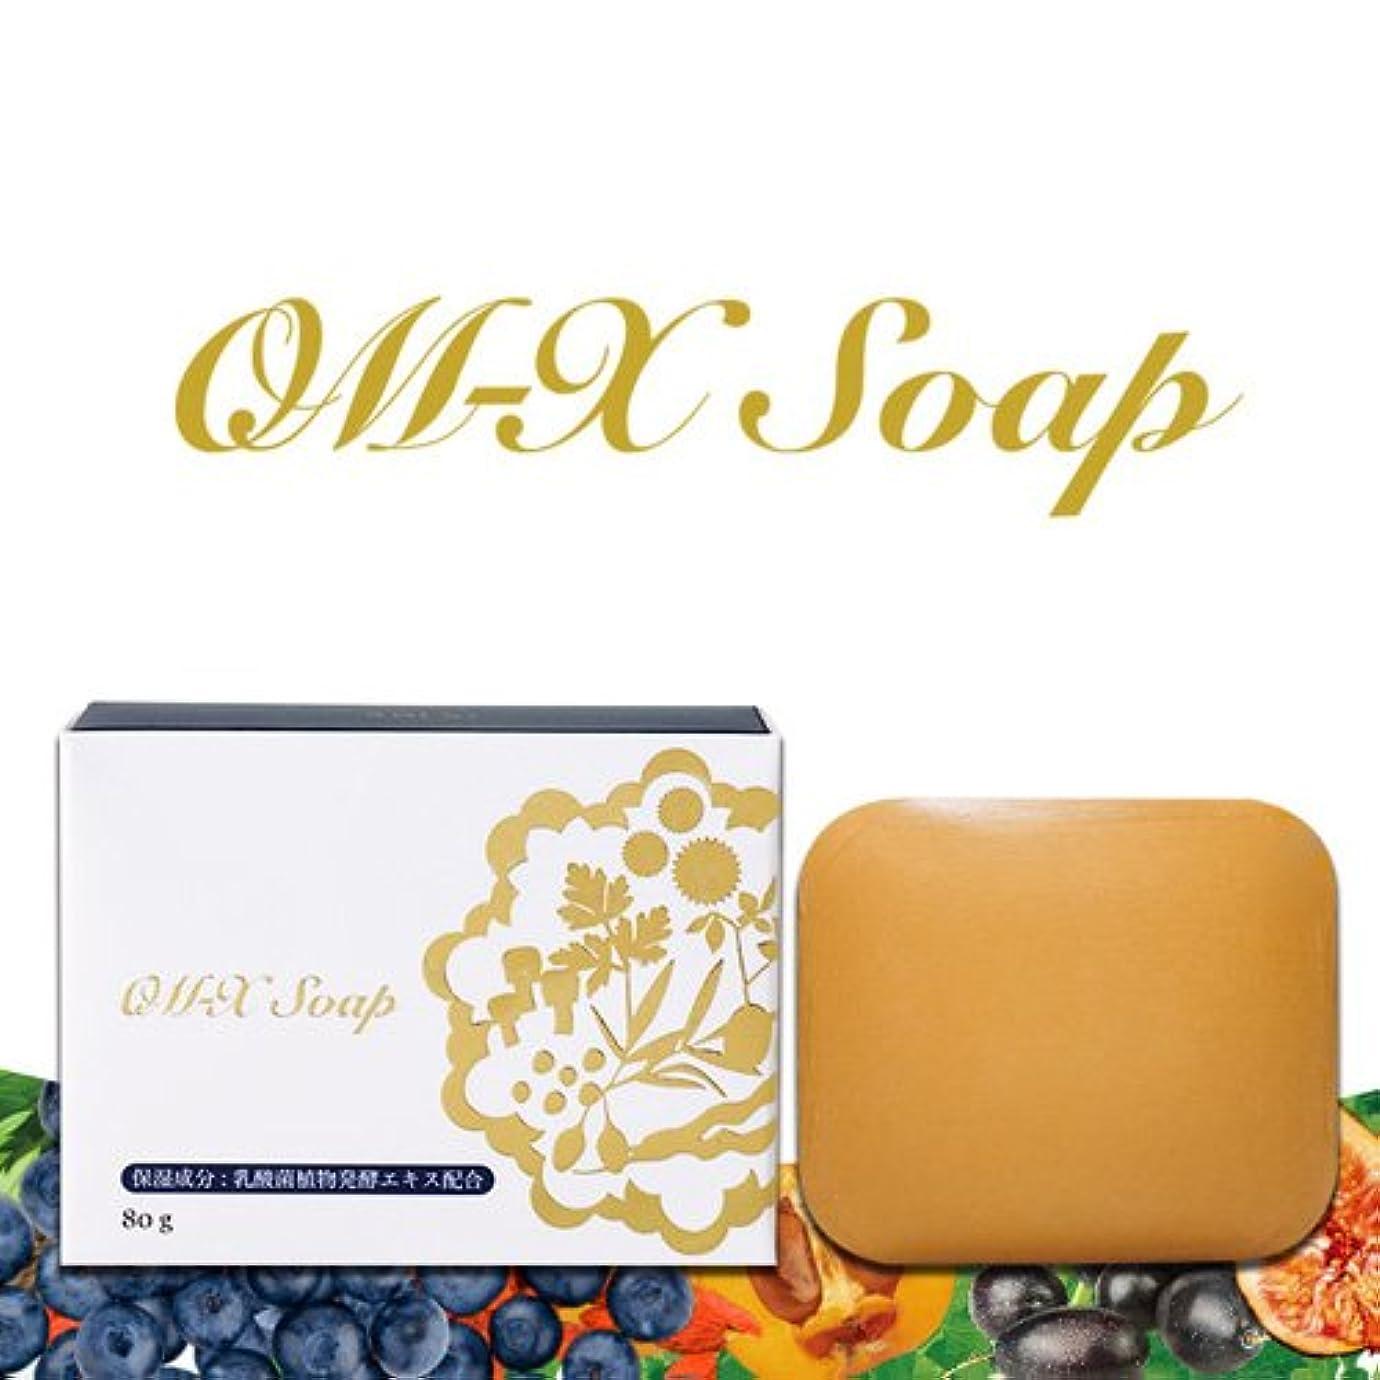 石灰岩韓国語教養があるOM-X Soap